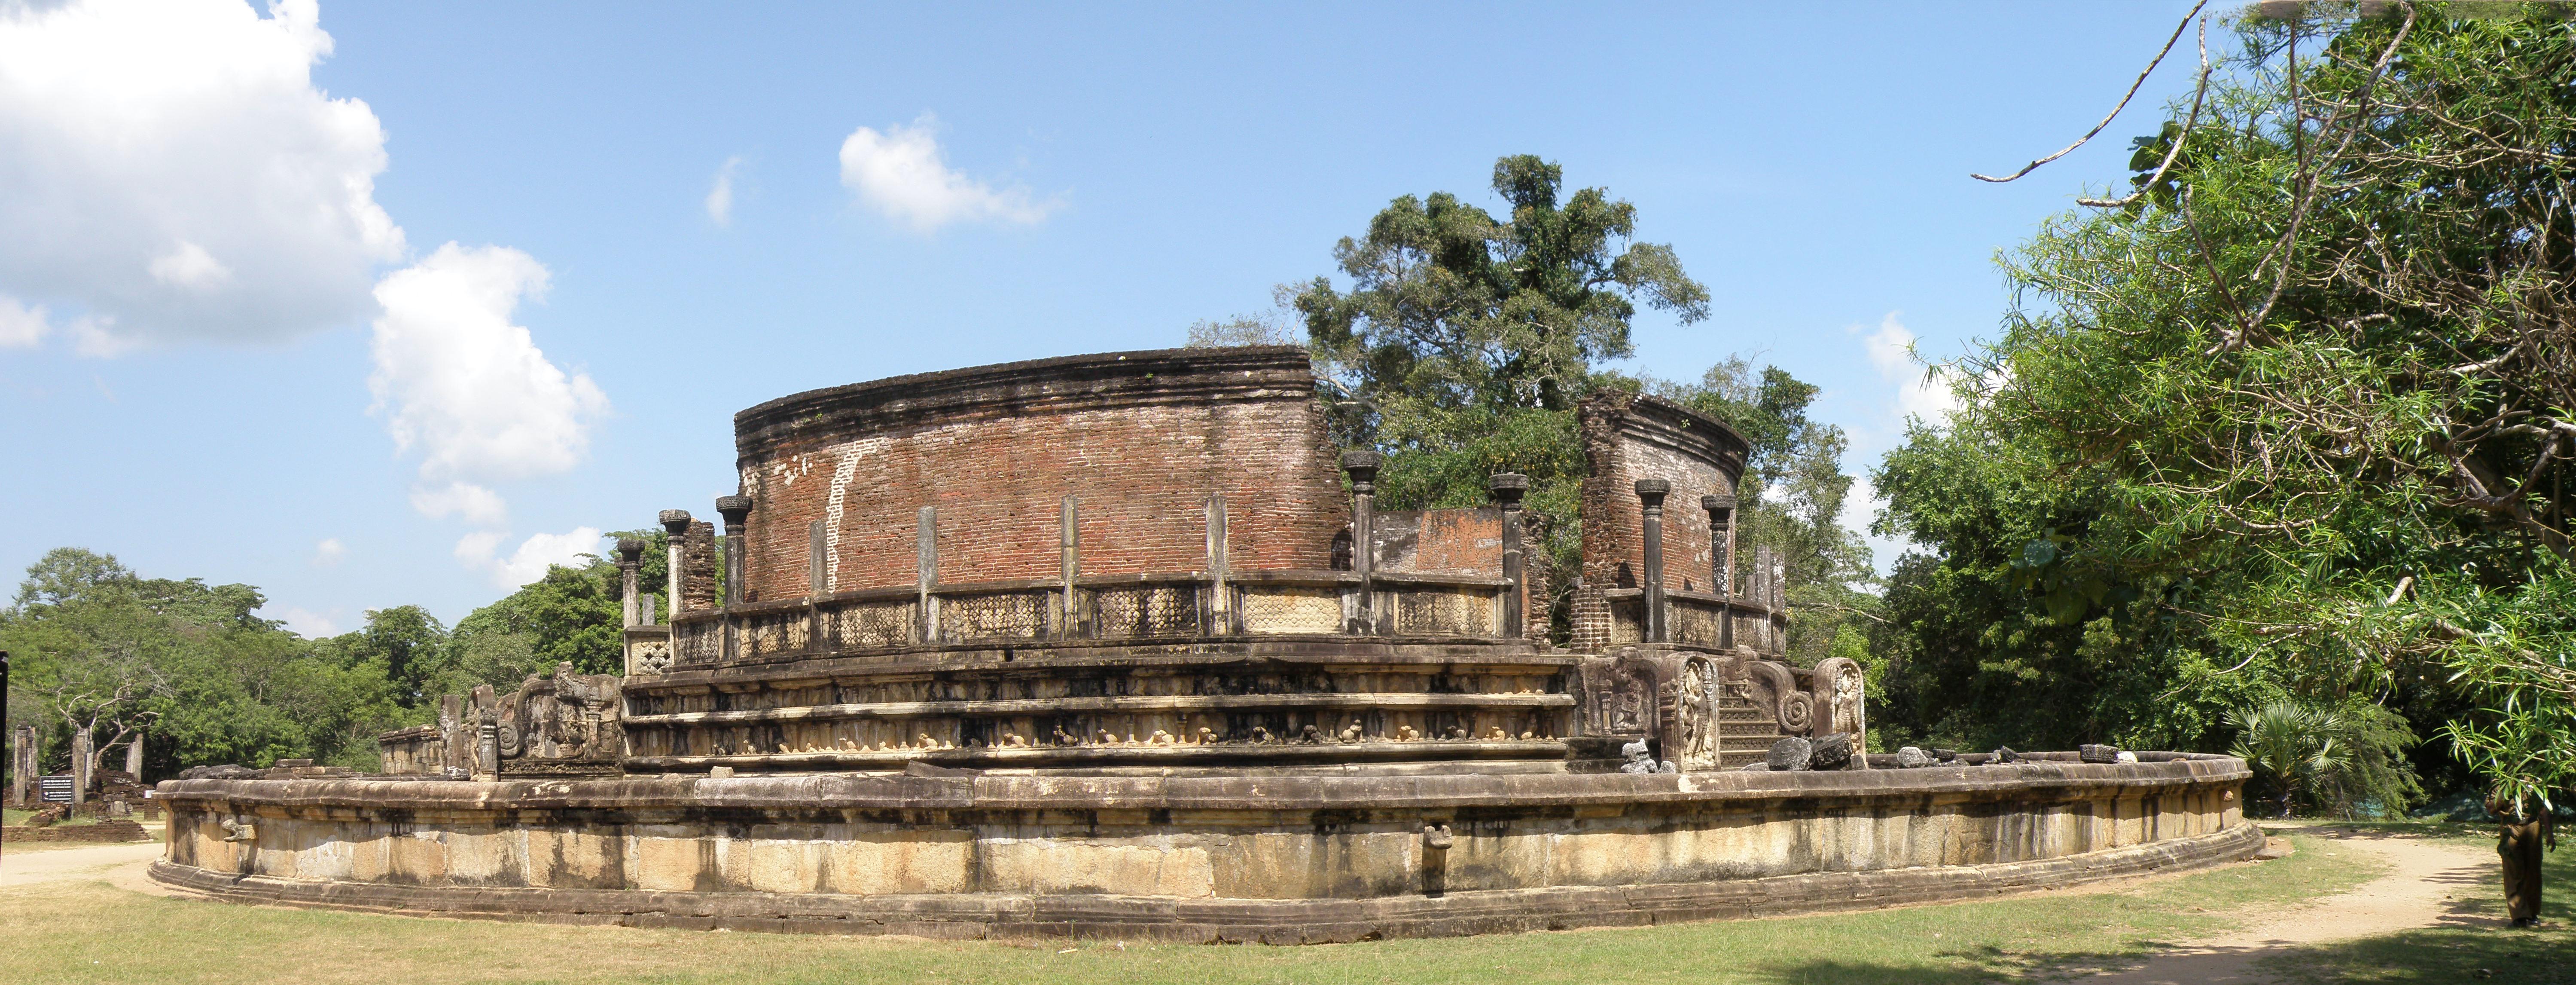 Polonnaruwa Sri Lanka  city photo : Description SriLanka Polonnaruwa